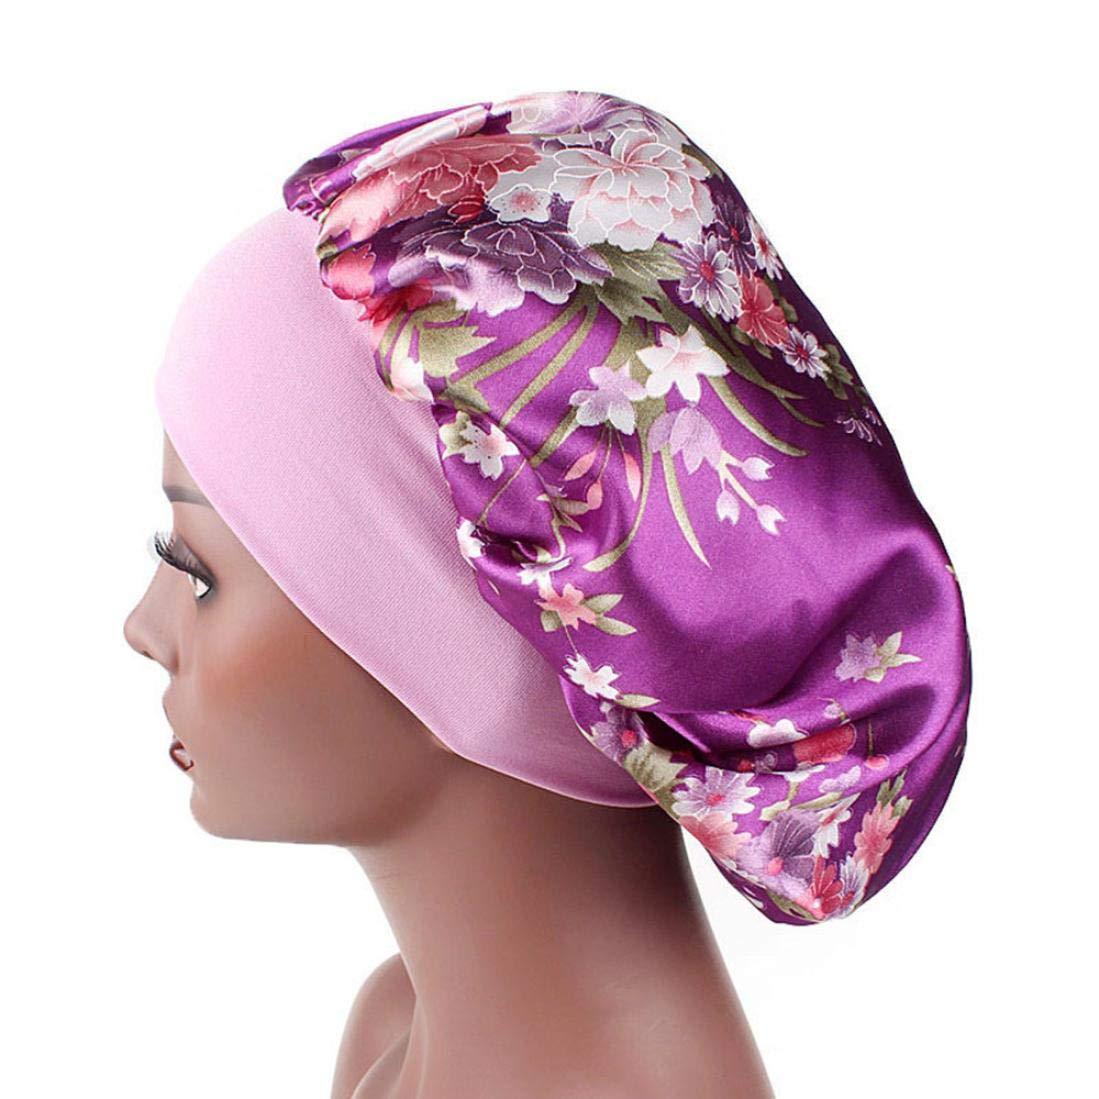 Yesmile Chapeau de Sommeil Chapeau 2018 Bonnet de Sommeil Nuit Femme en  Satin Coiffure Soin Cheveux 49b870682ff